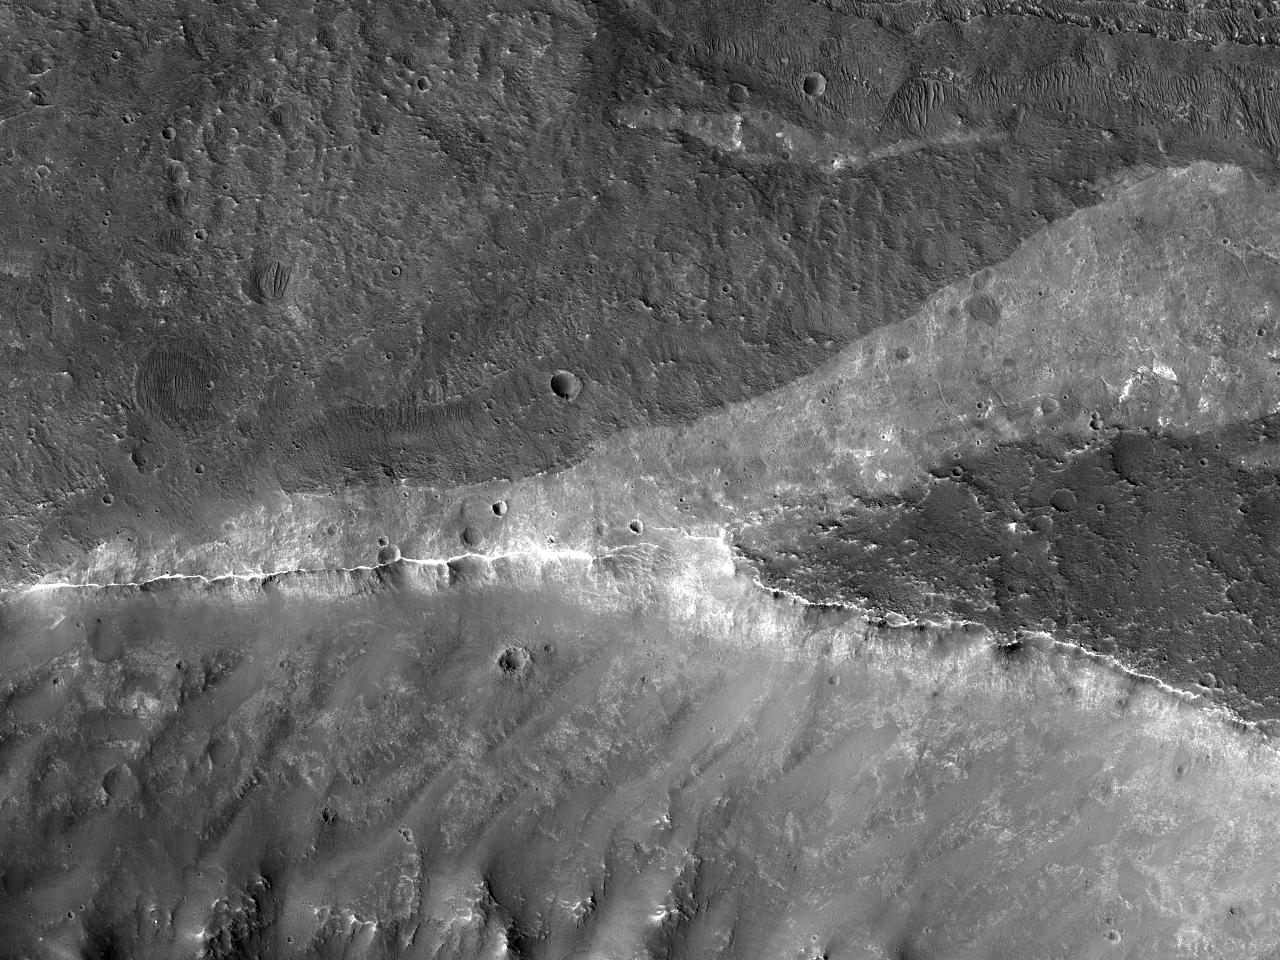 Mici cratere de impact langa marginea unei groape din Regiunea Coprates